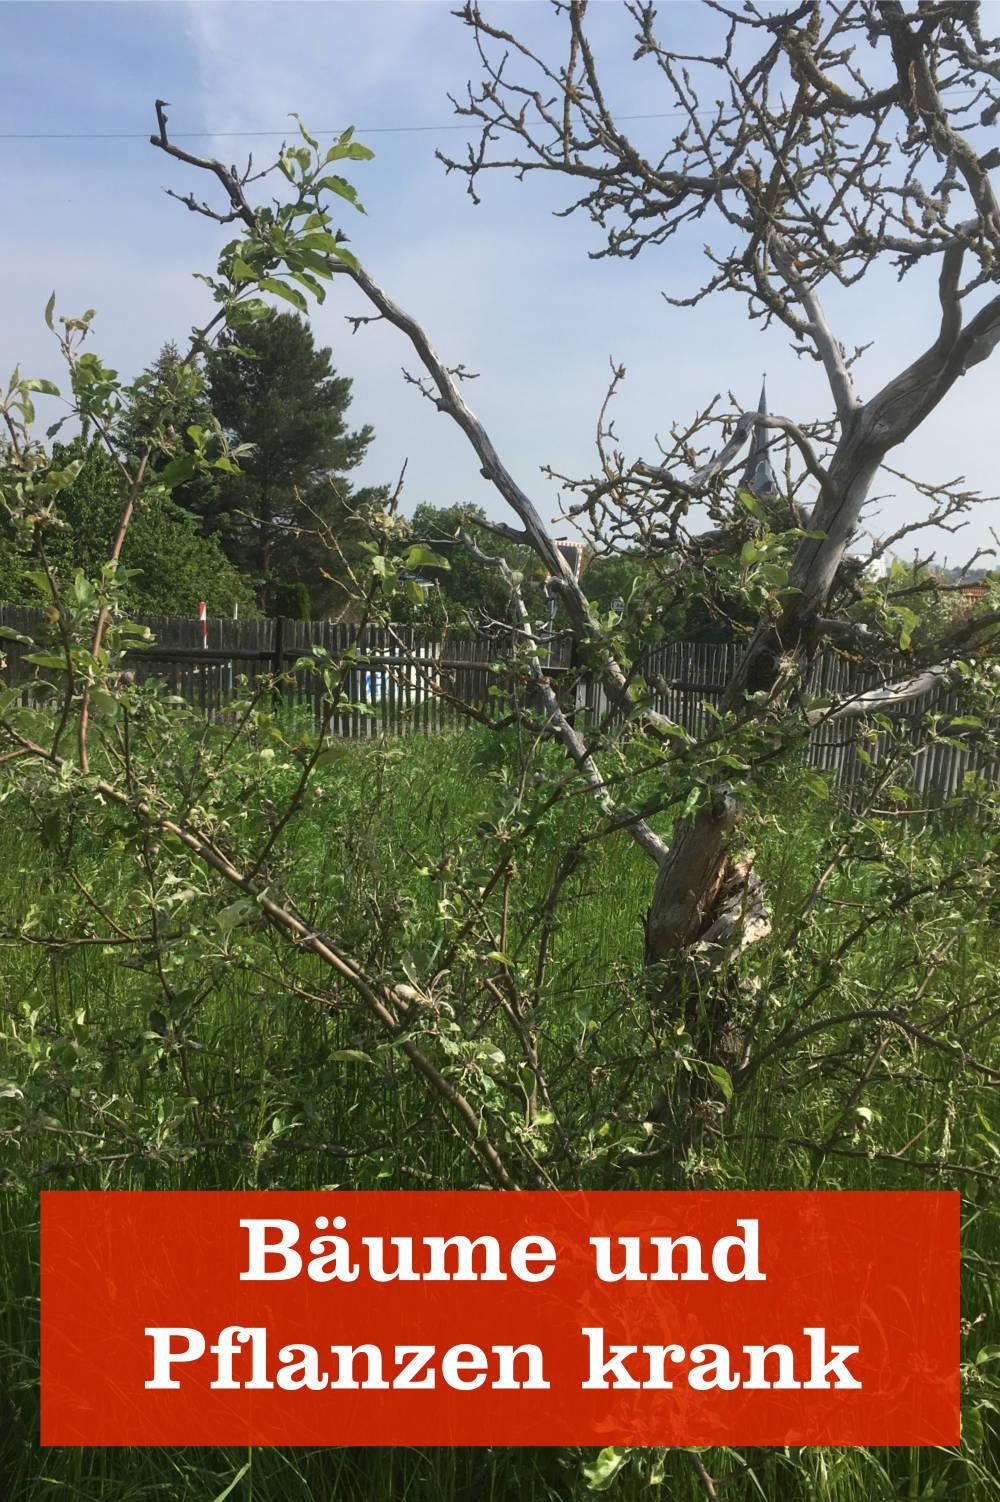 Bäume und Pflanzen krank